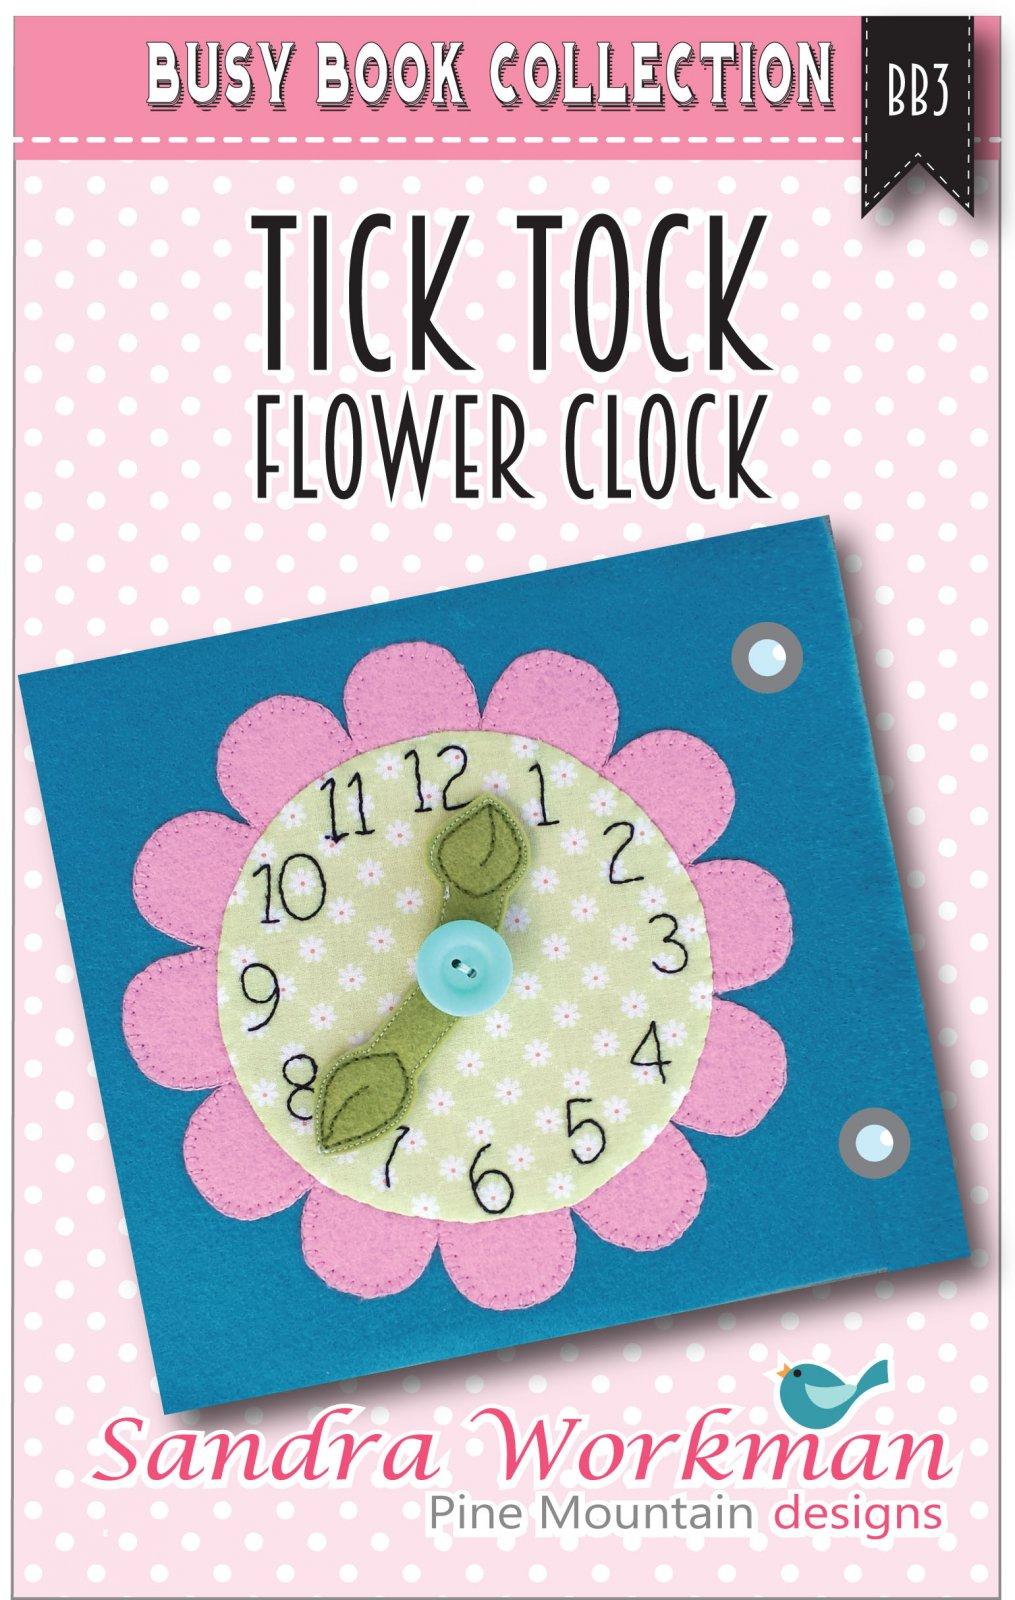 Busy Book Tick Tock Flower Clock